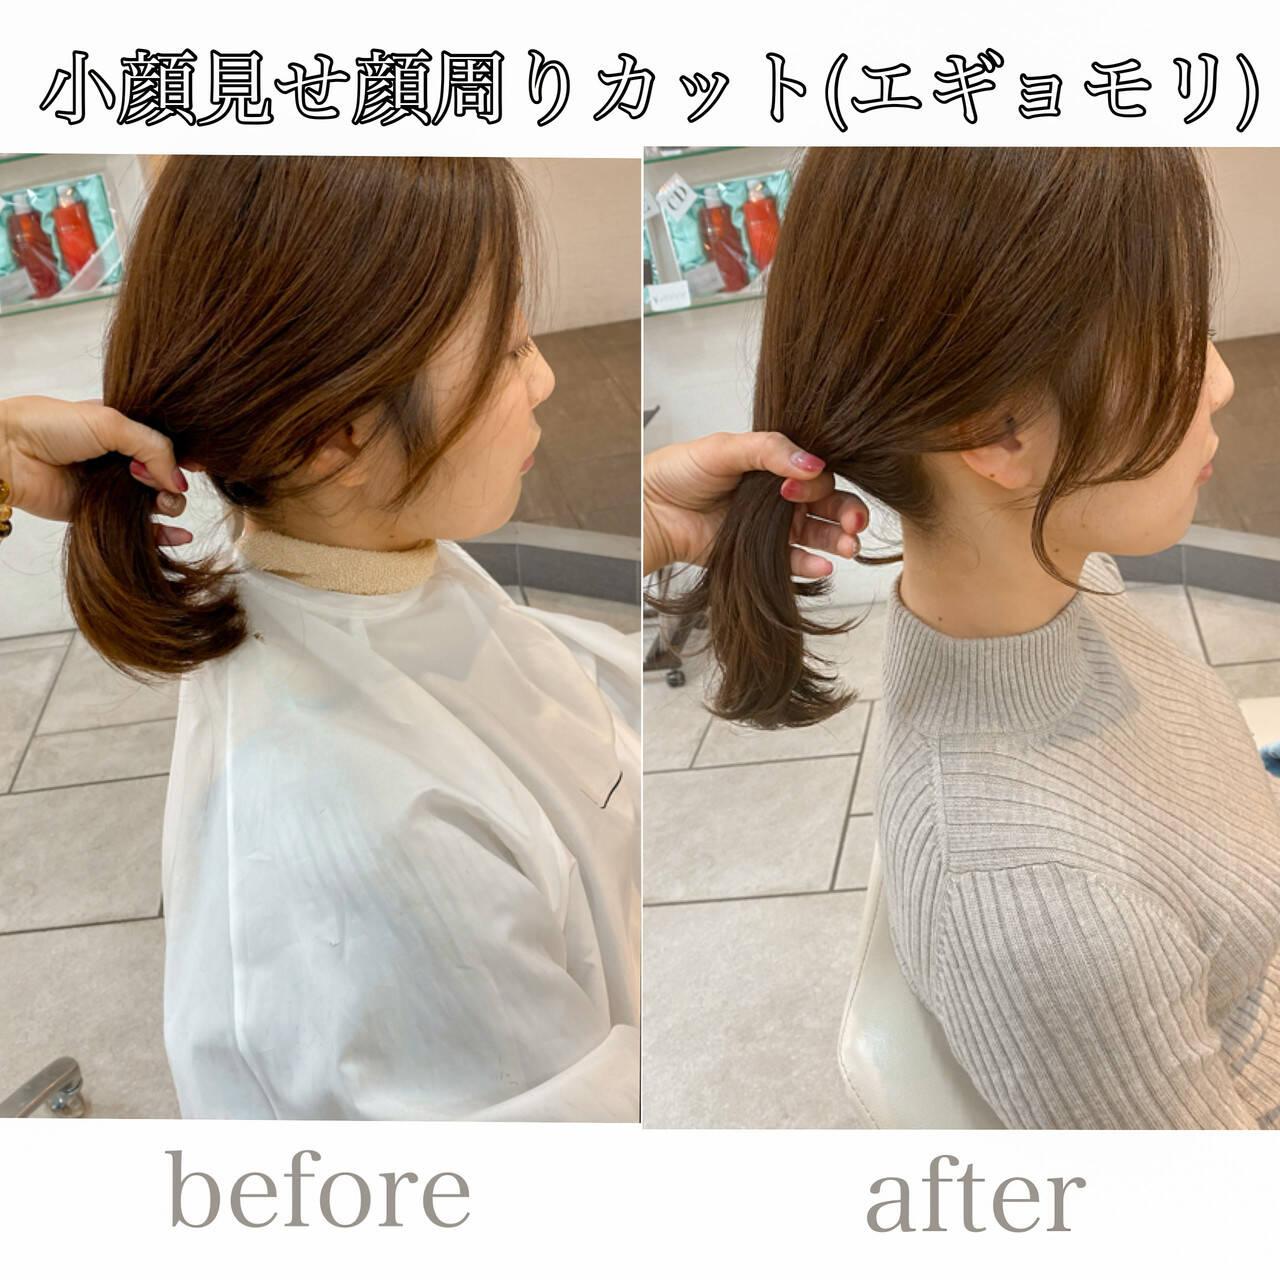 ミディアム 横顔美人 フェミニン 韓国風ヘアーヘアスタイルや髪型の写真・画像